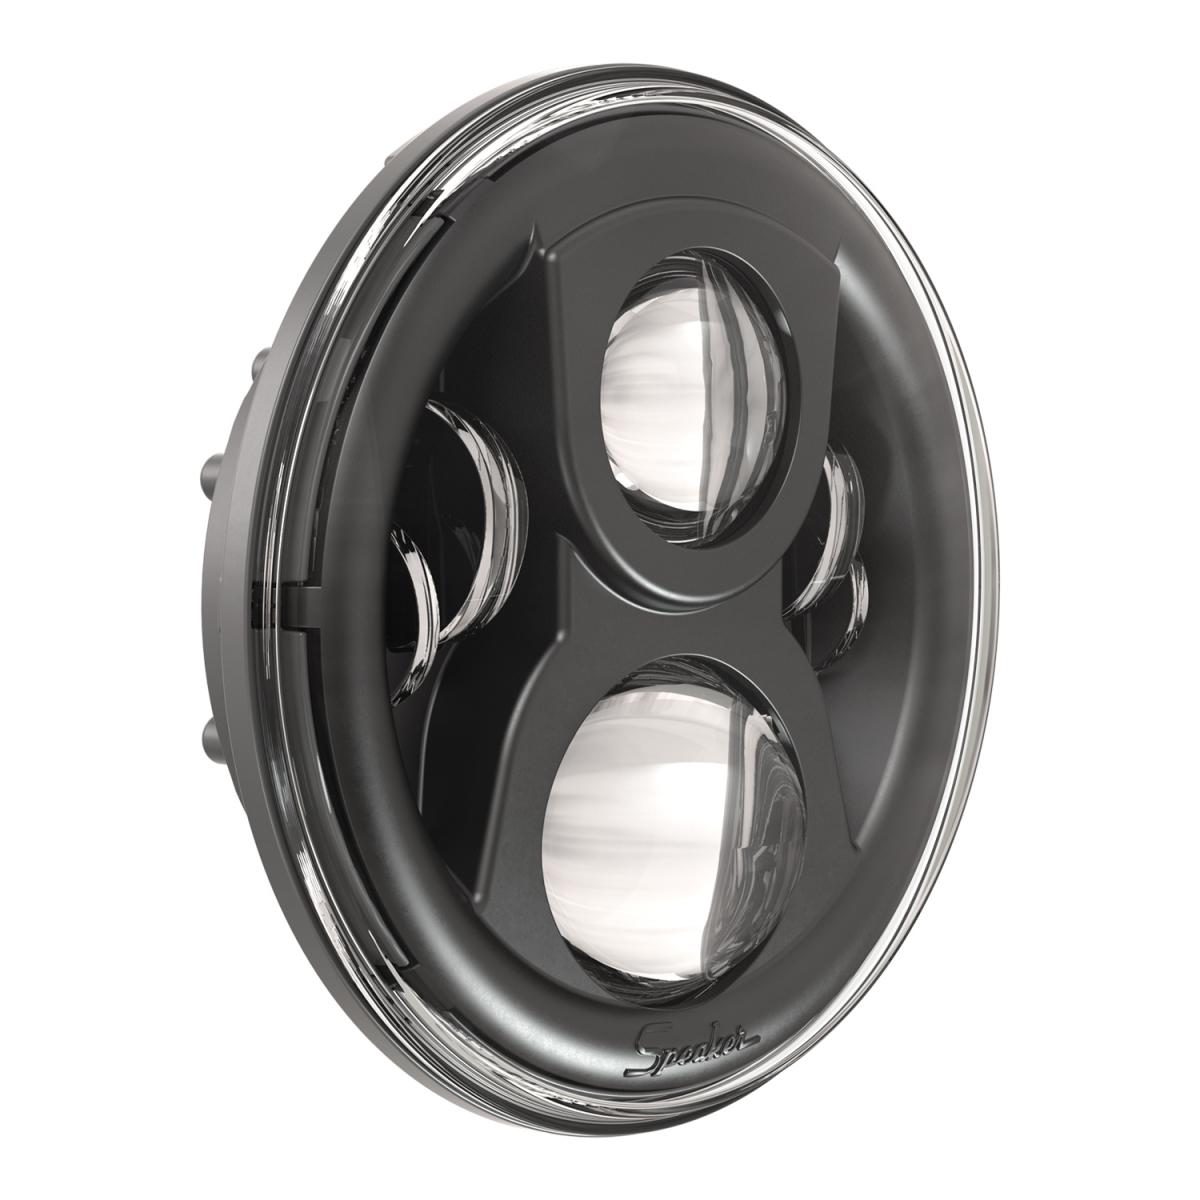 JW Speaker LED Headlights – Model 8700 Evo 2 Dual Burn